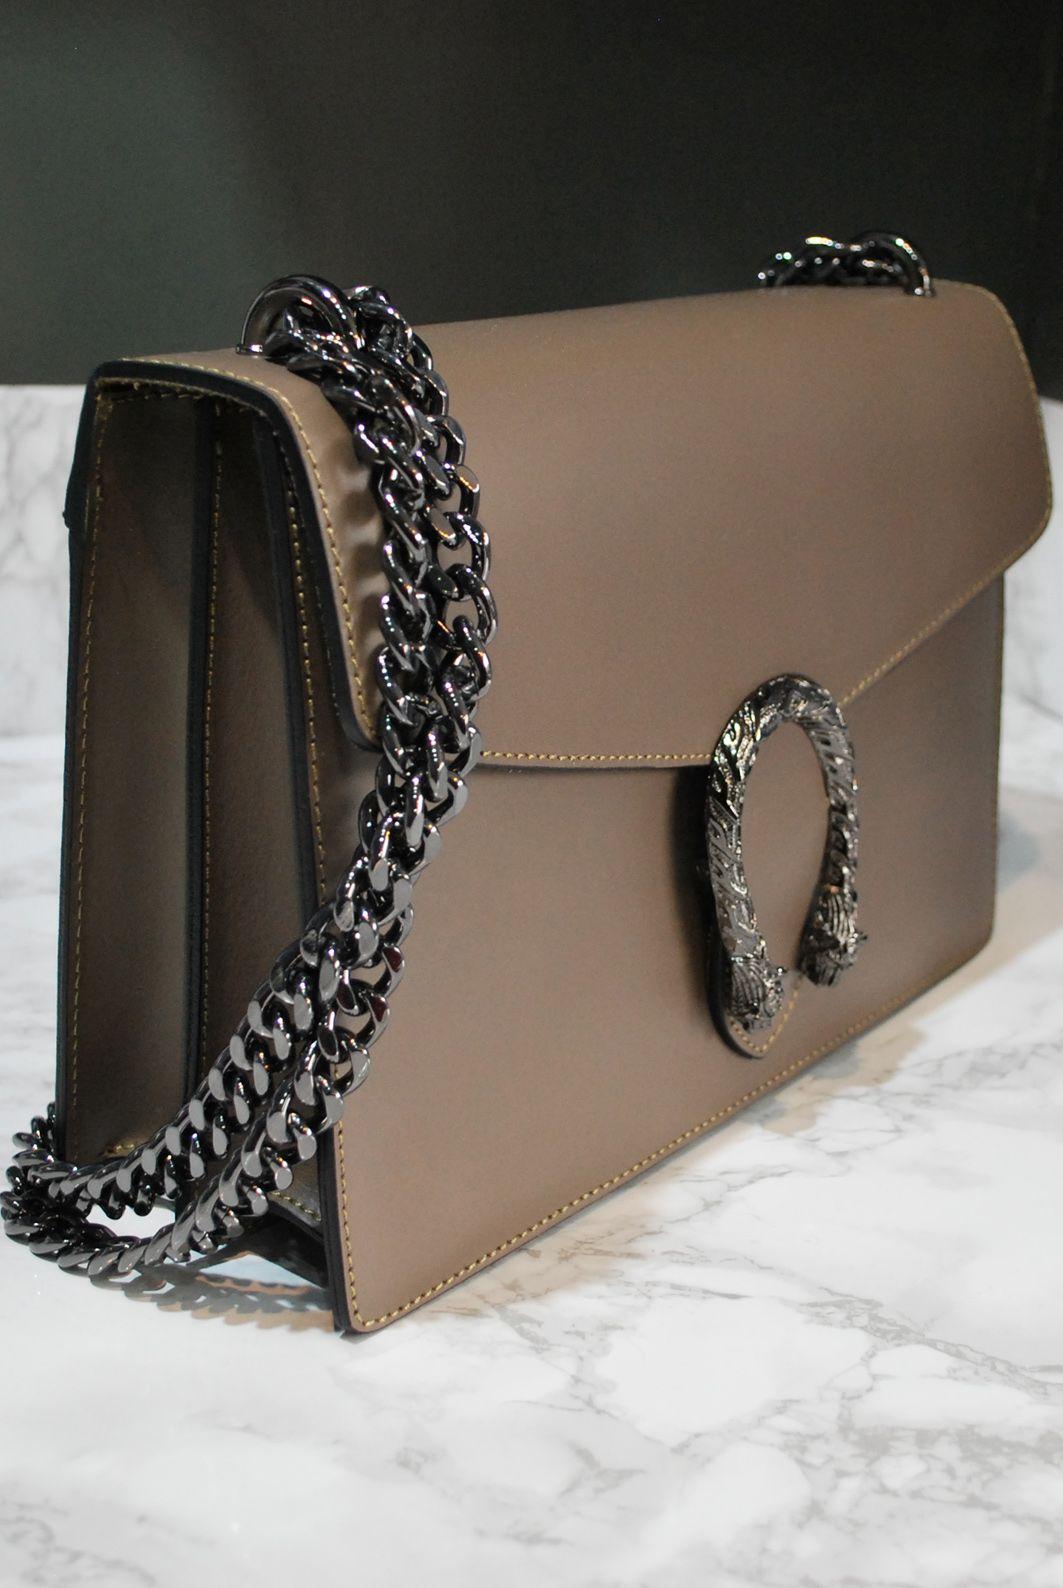 87b20e49a48b Snake Clasp Bag Grey   LAGOM loves handbags   Bags, Fashion ...